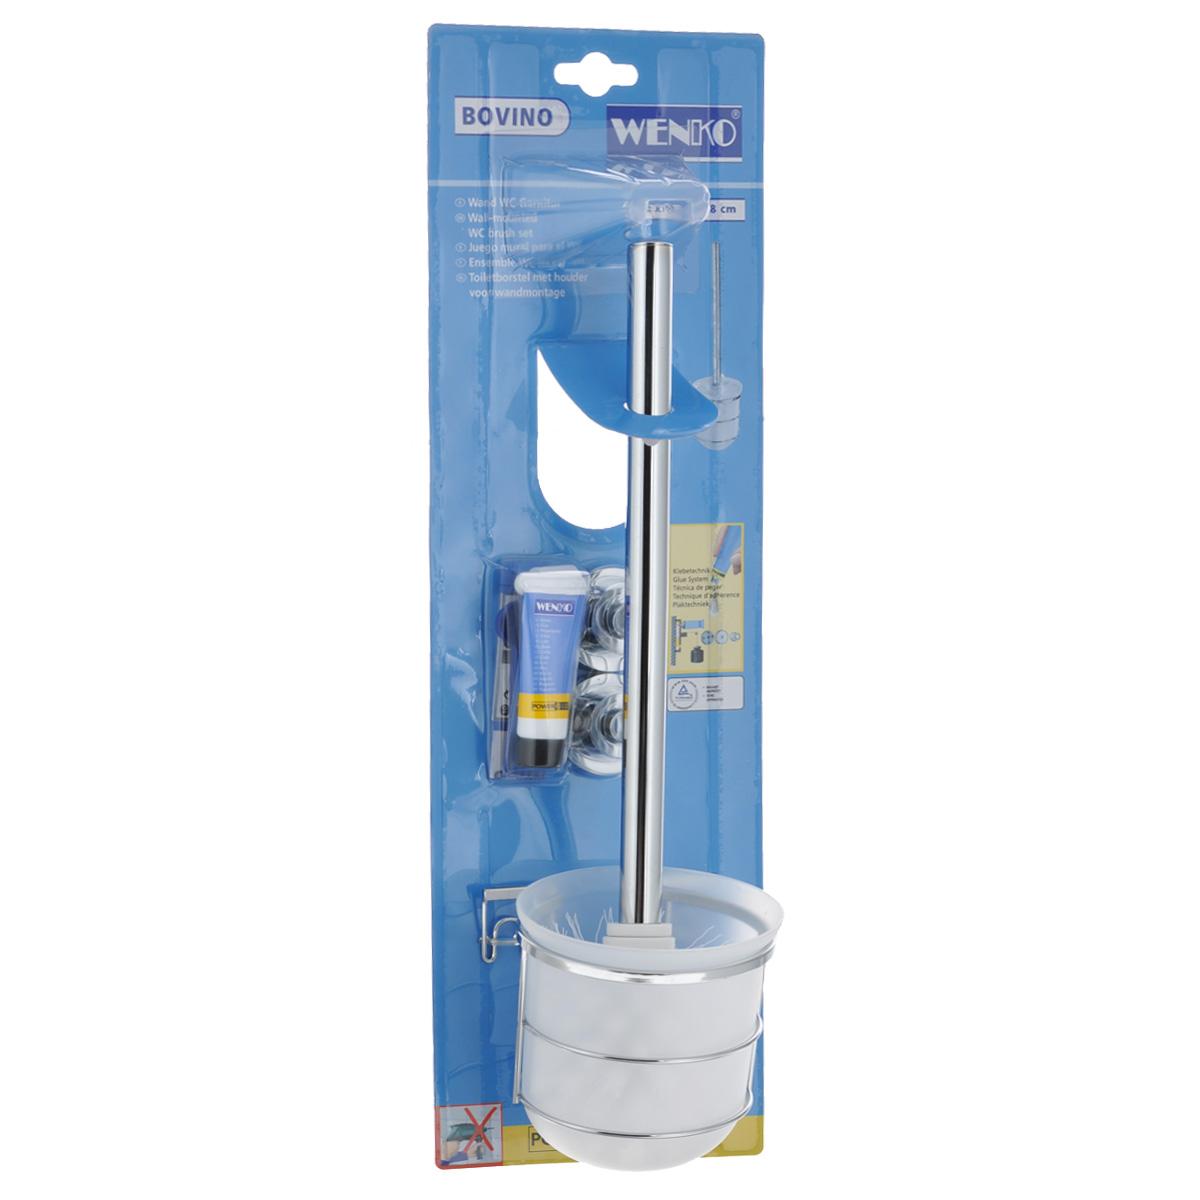 Ершик туалетный Wenko Bovino, с держателем17801100